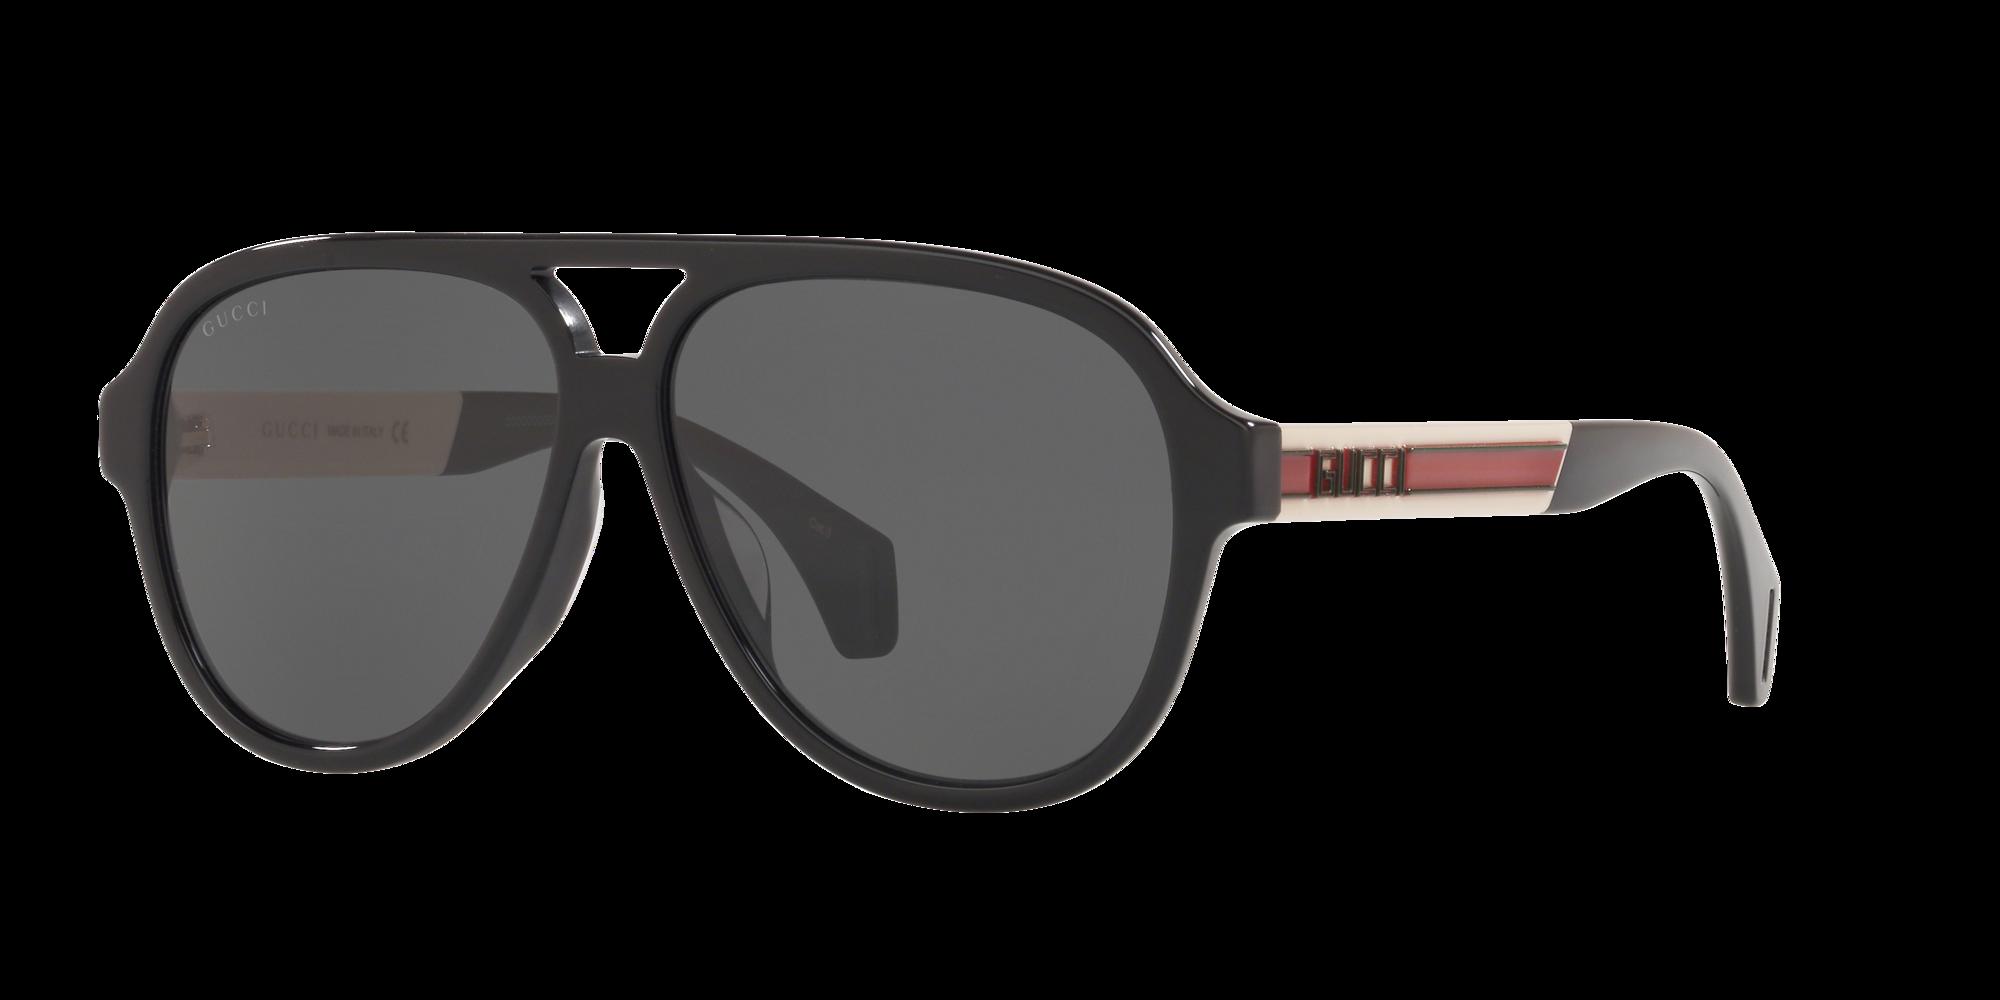 Gucci Unisex  GC001216 -  Frame color: Noir, Lens color: Gris-Noir